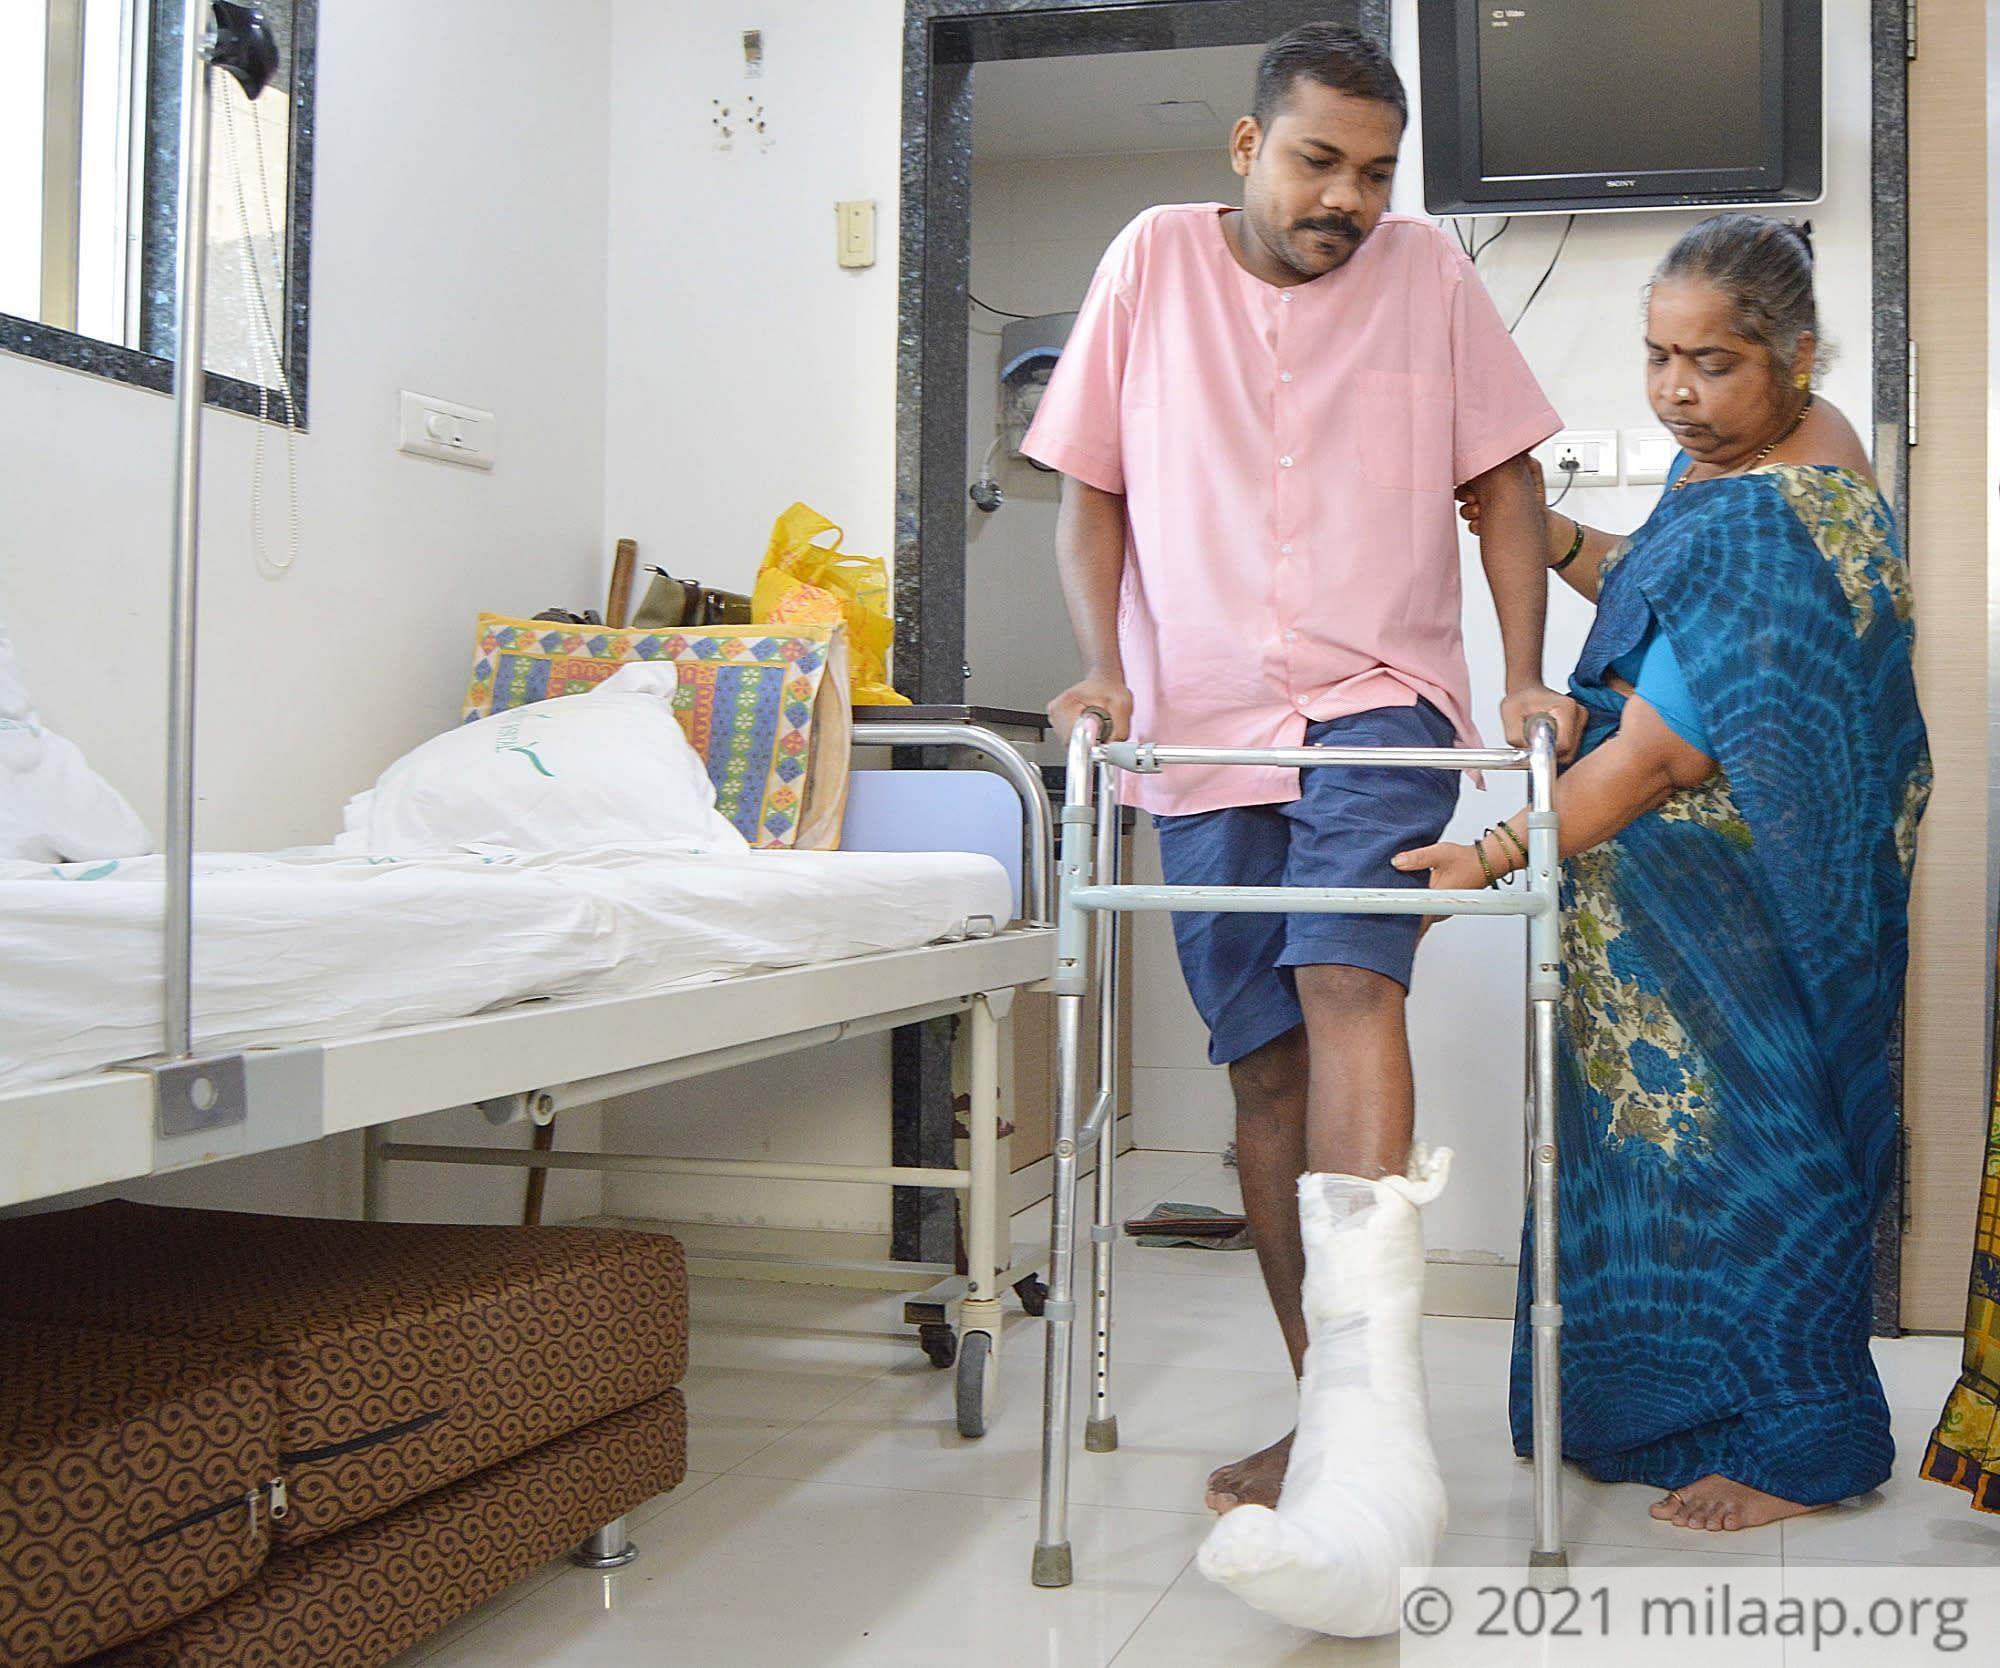 Rohit raj hospital 08 hjut9v 1583737562